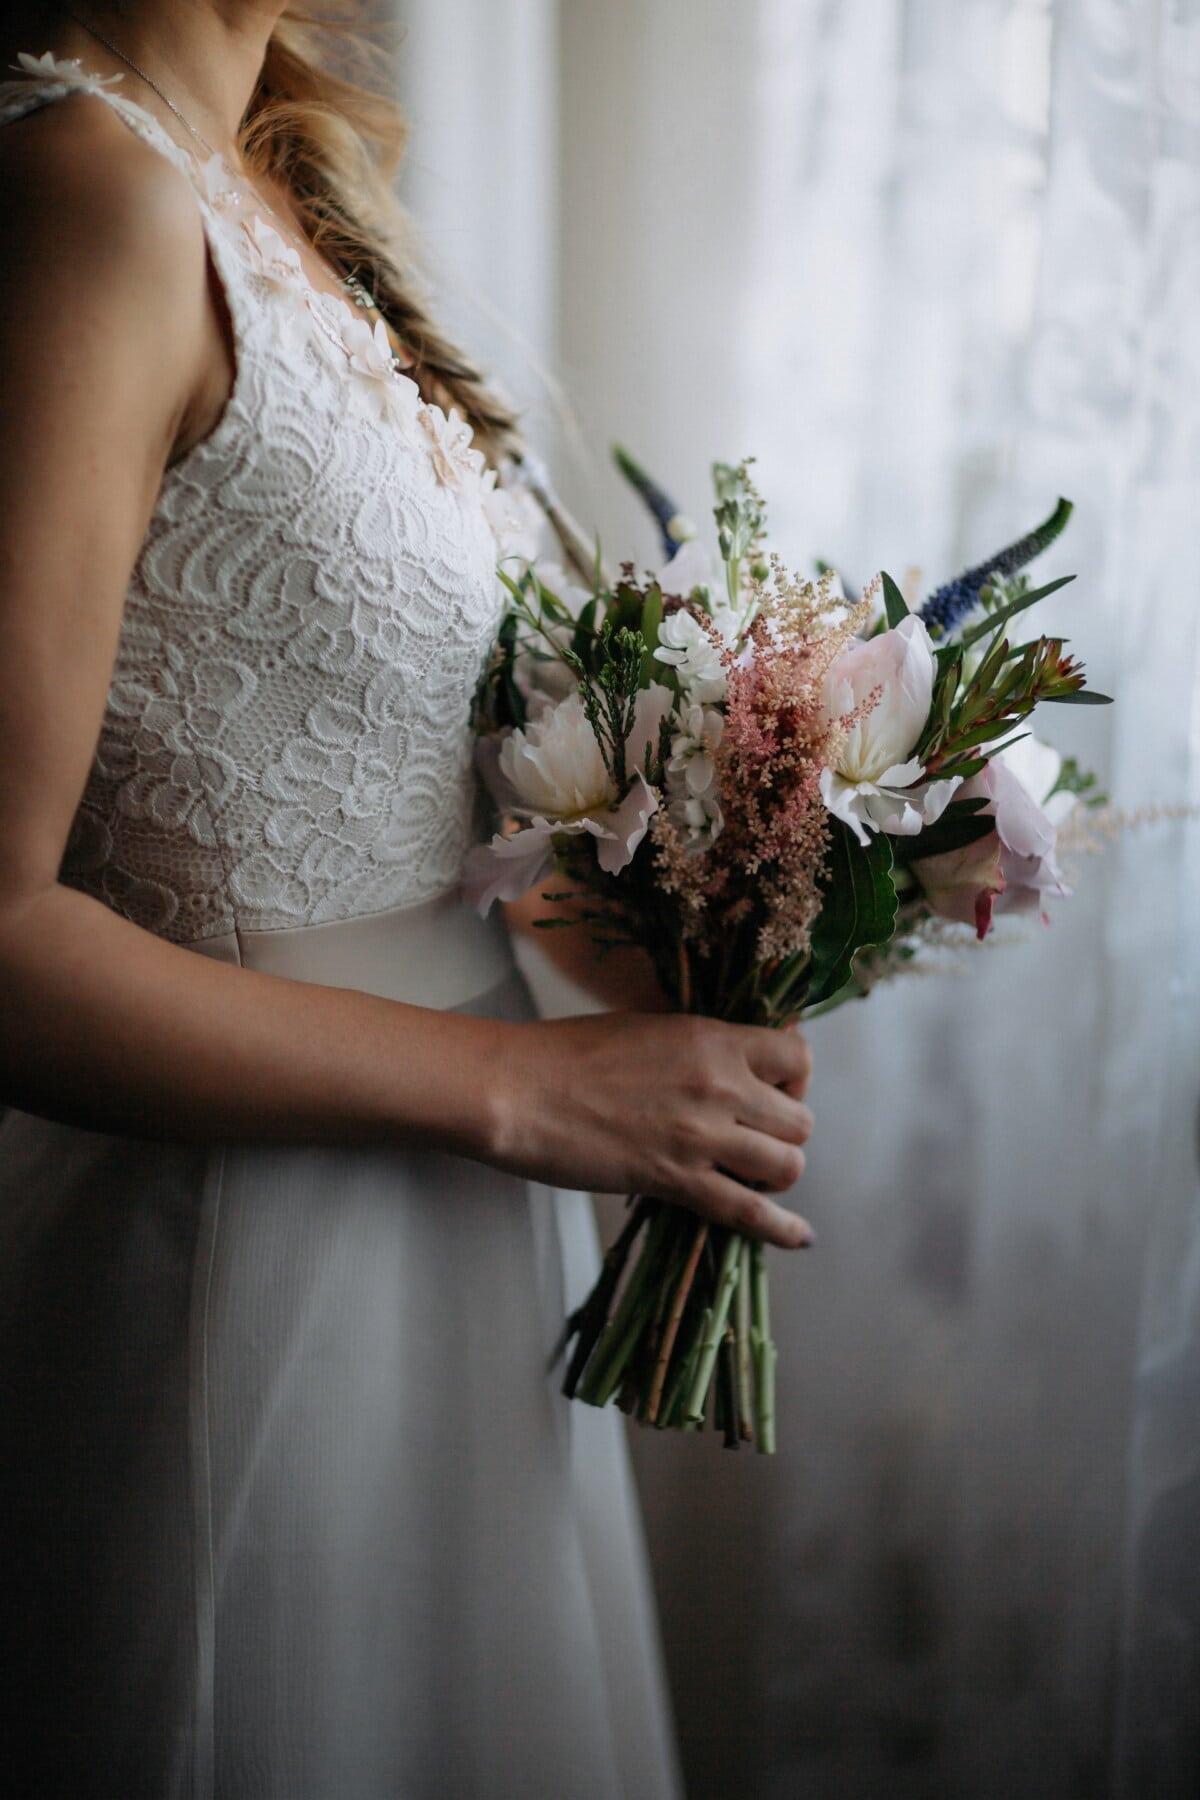 bouquet de mariage, robe de mariée, debout, la mariée, cheveux blonds, vue de côté, décoration, arrangement, jeune marié, mariage